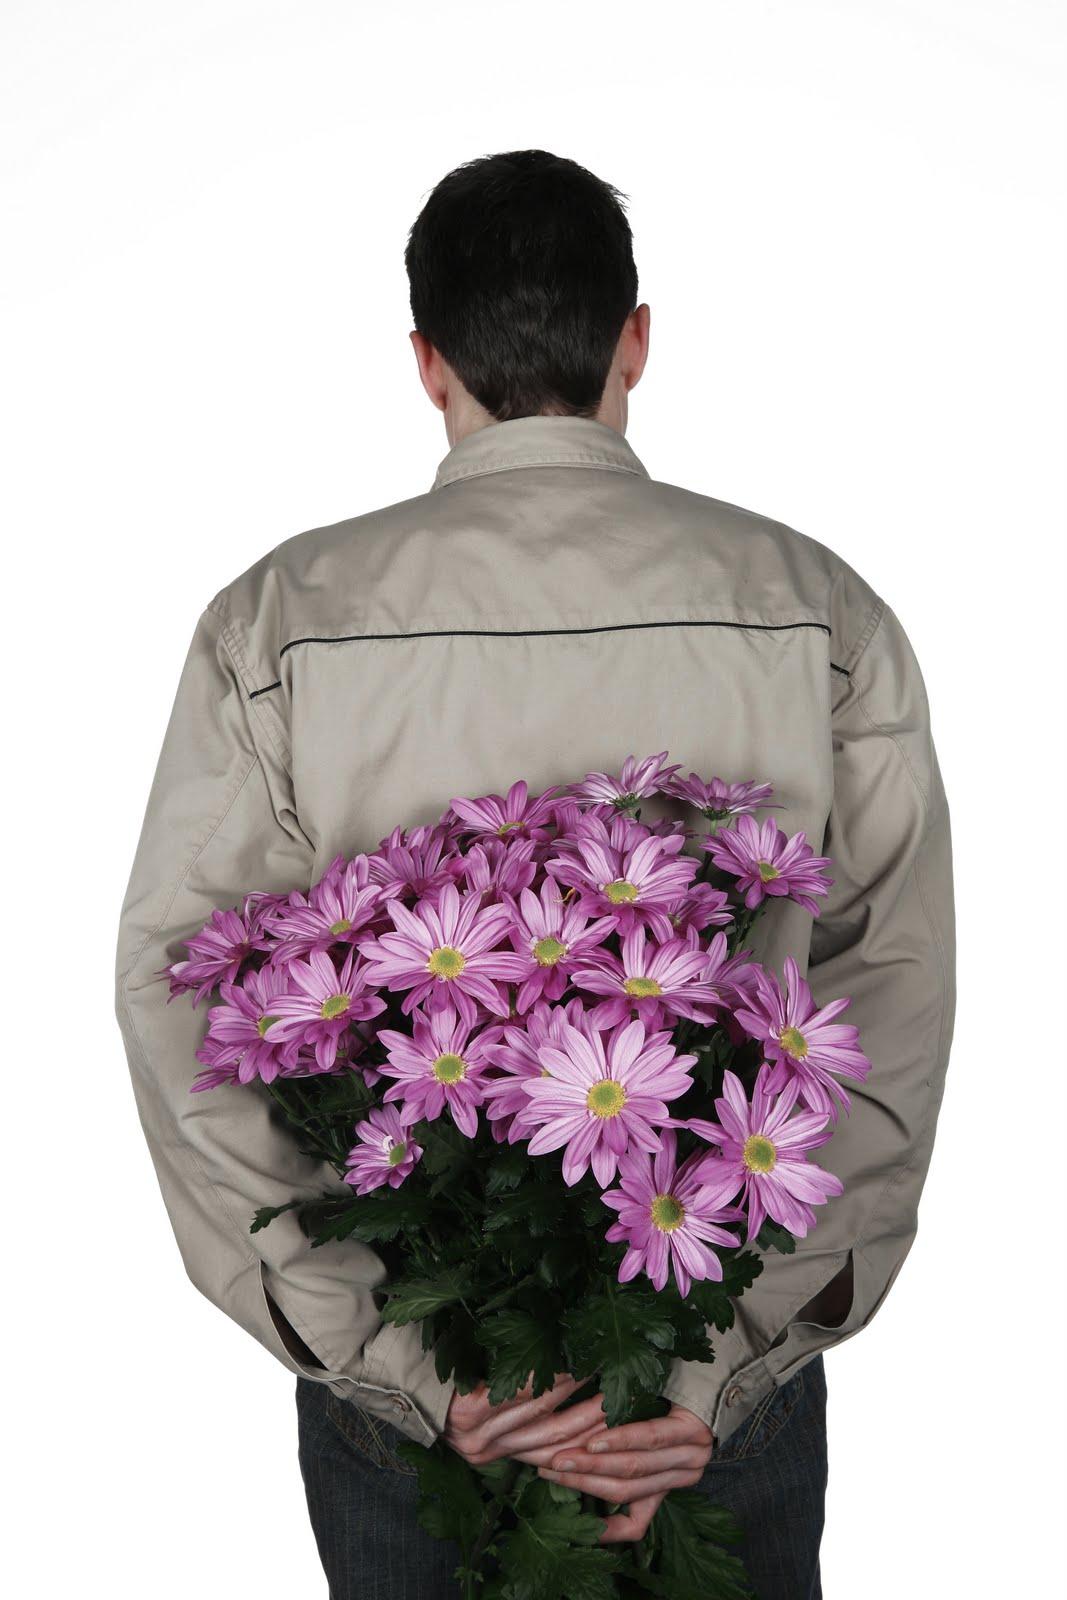 К чему снится когда бывший парень дарит тебе цветы